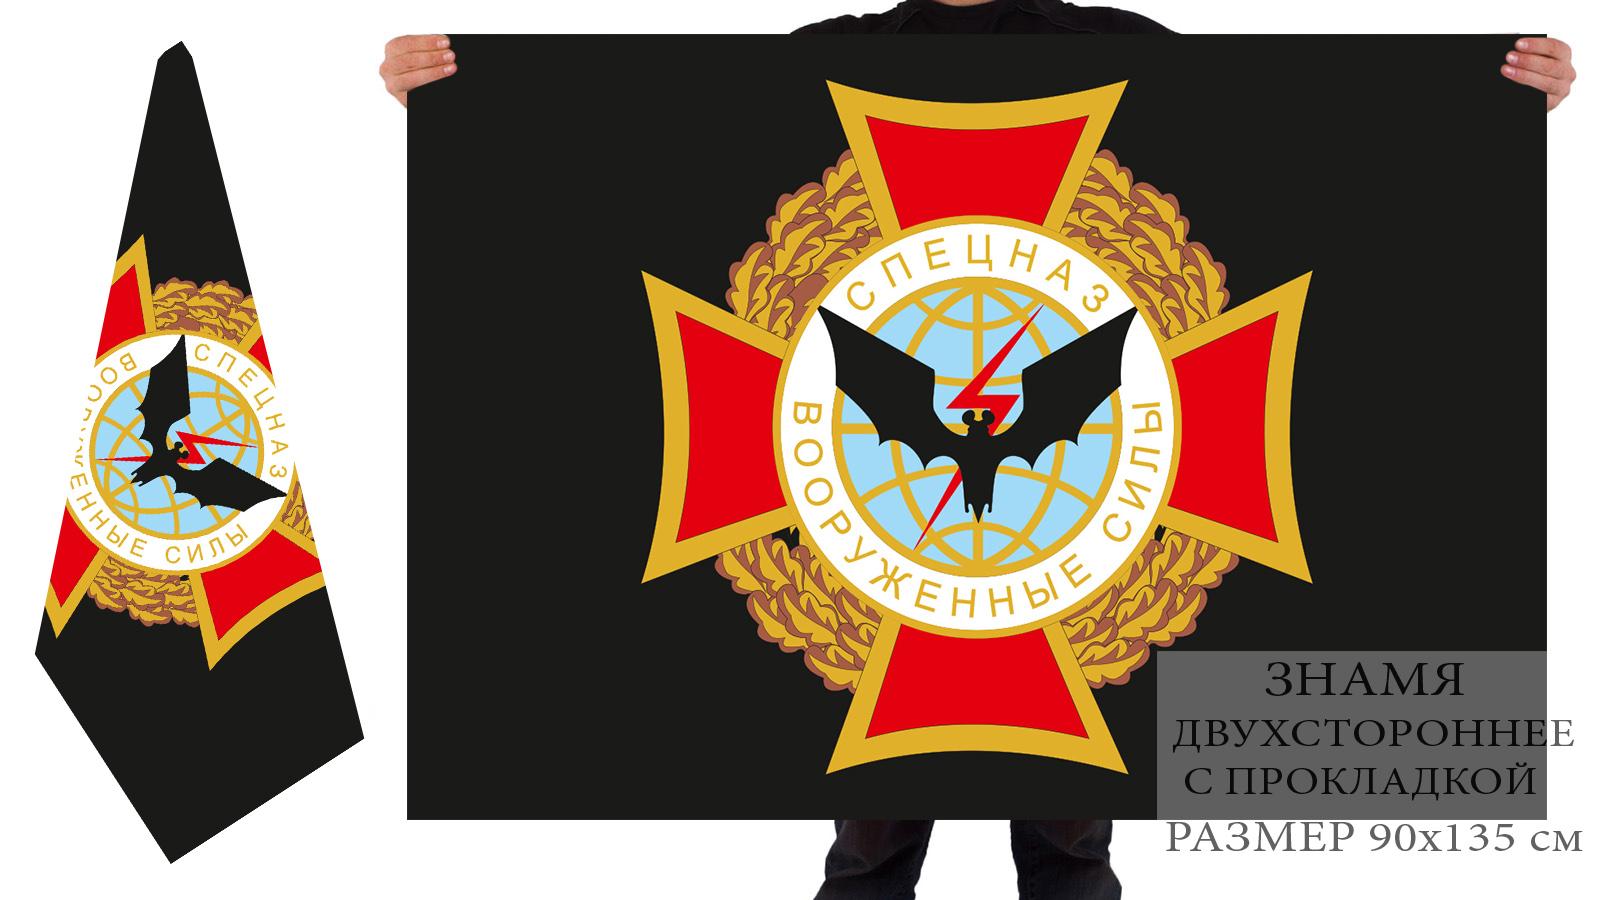 Двухсторонний флаг с эмблемой Спецназа ВС